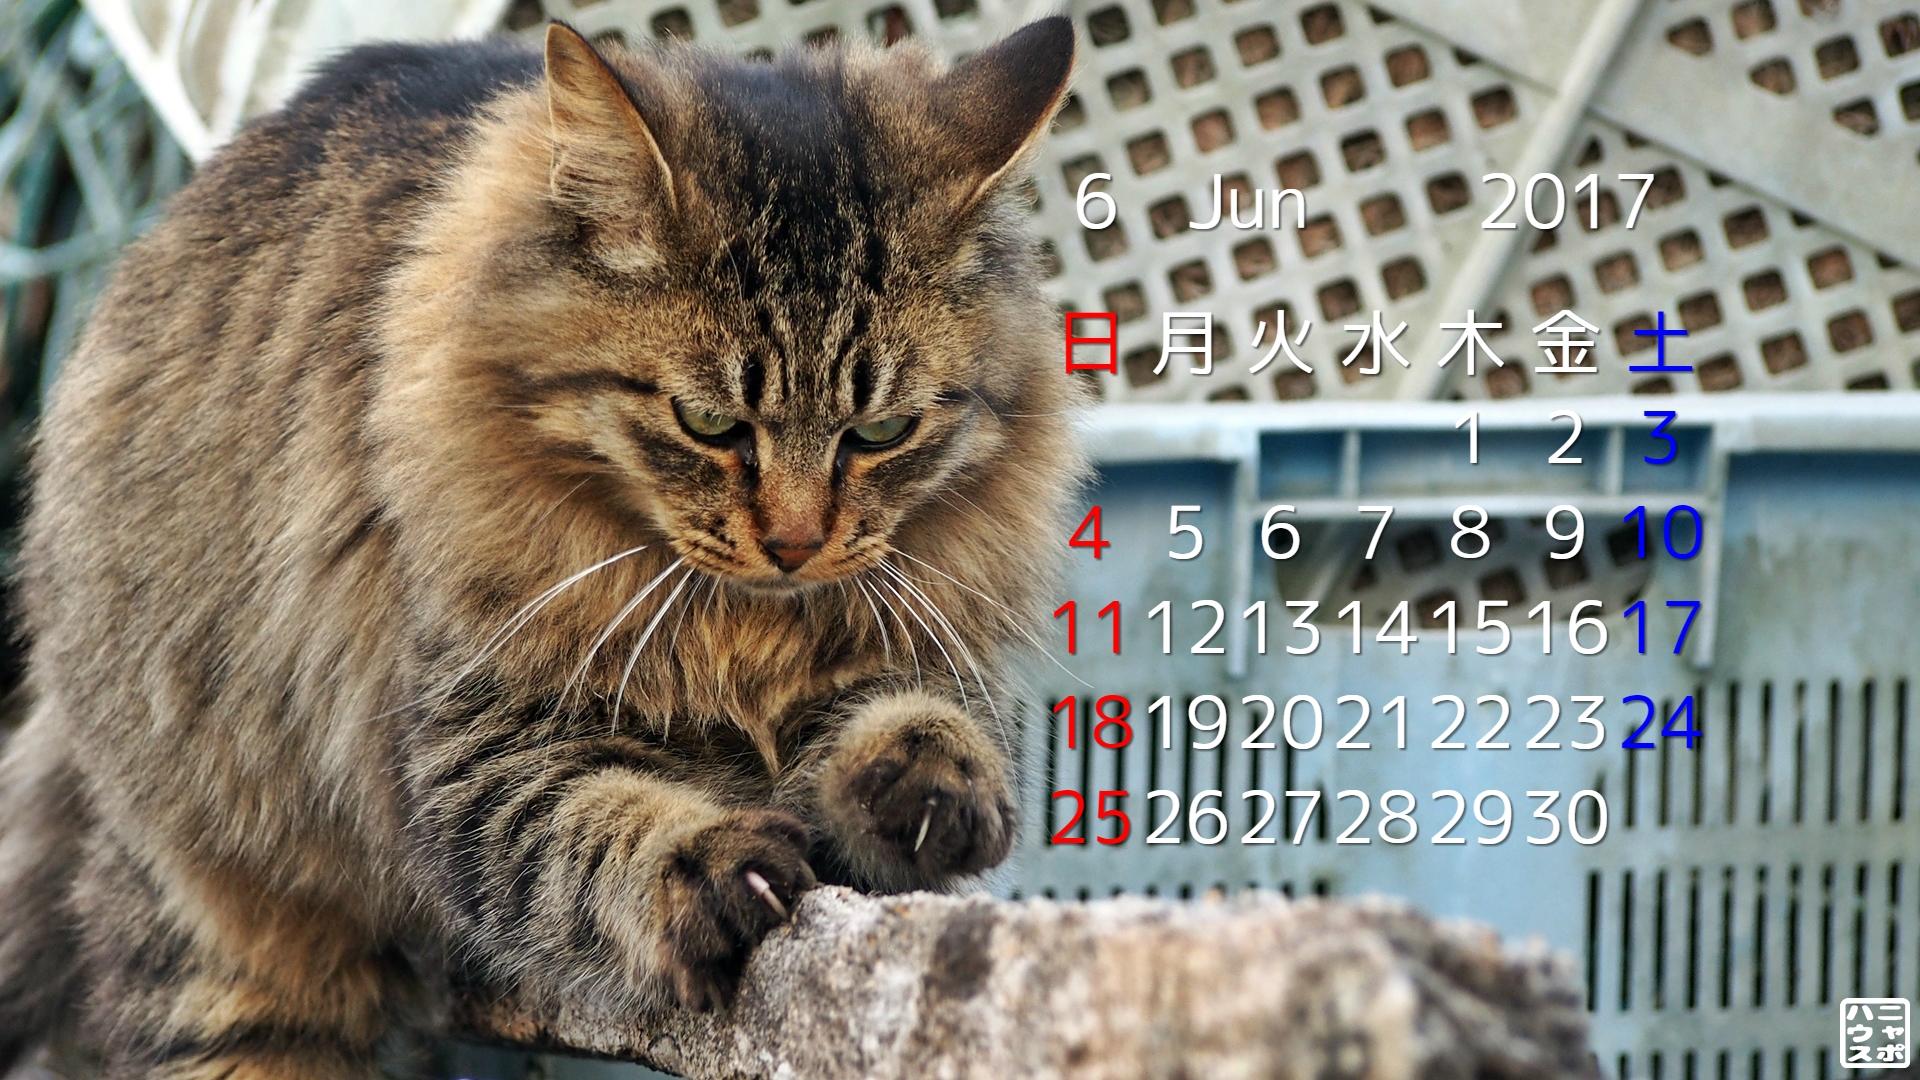 2017年6月 猫デスクトップカレンダー